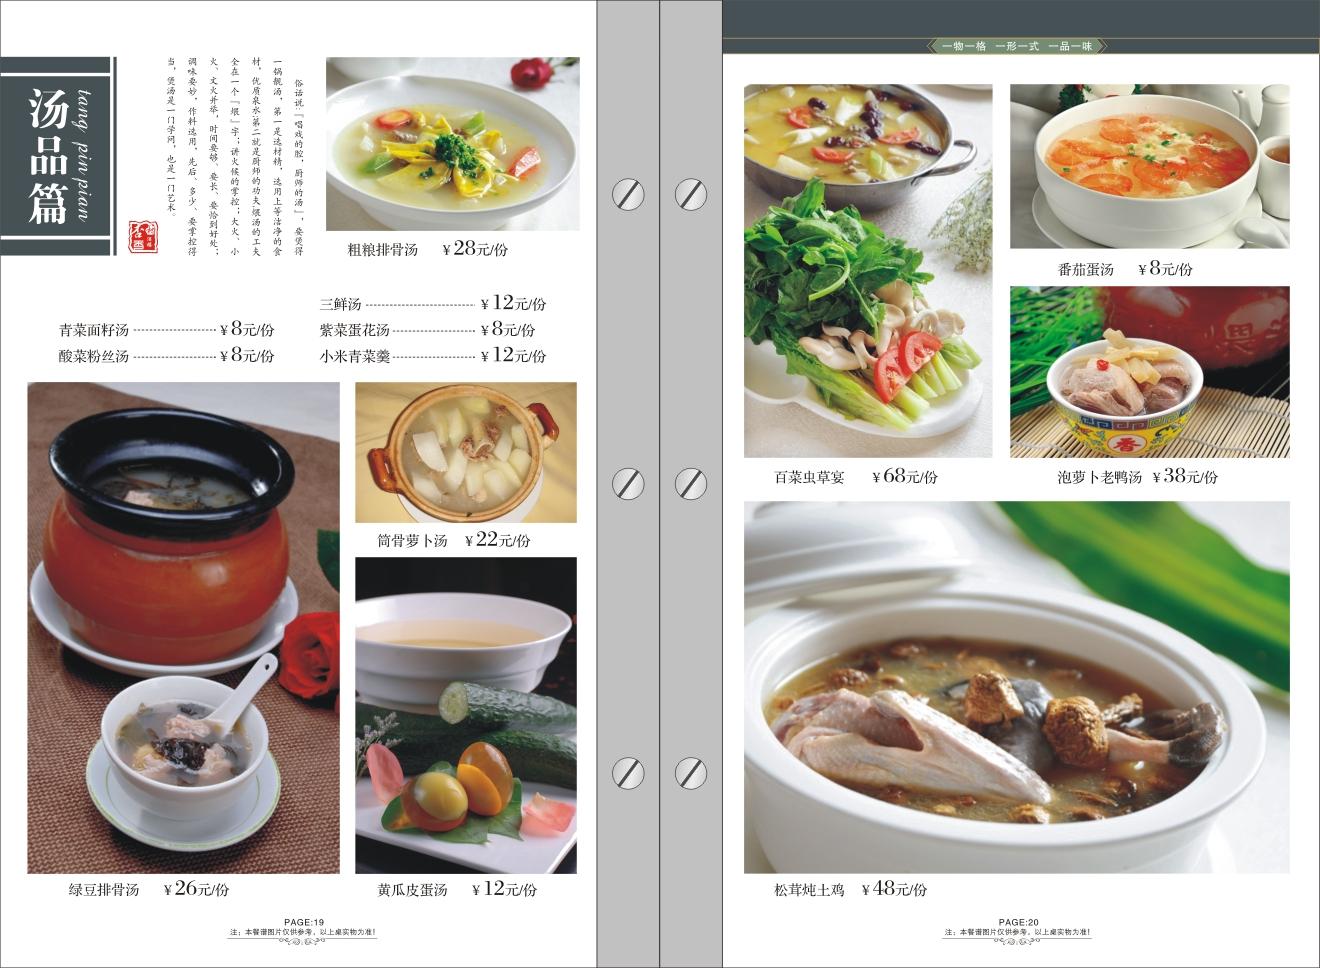 359号菜谱设计:菜谱册本帮菜